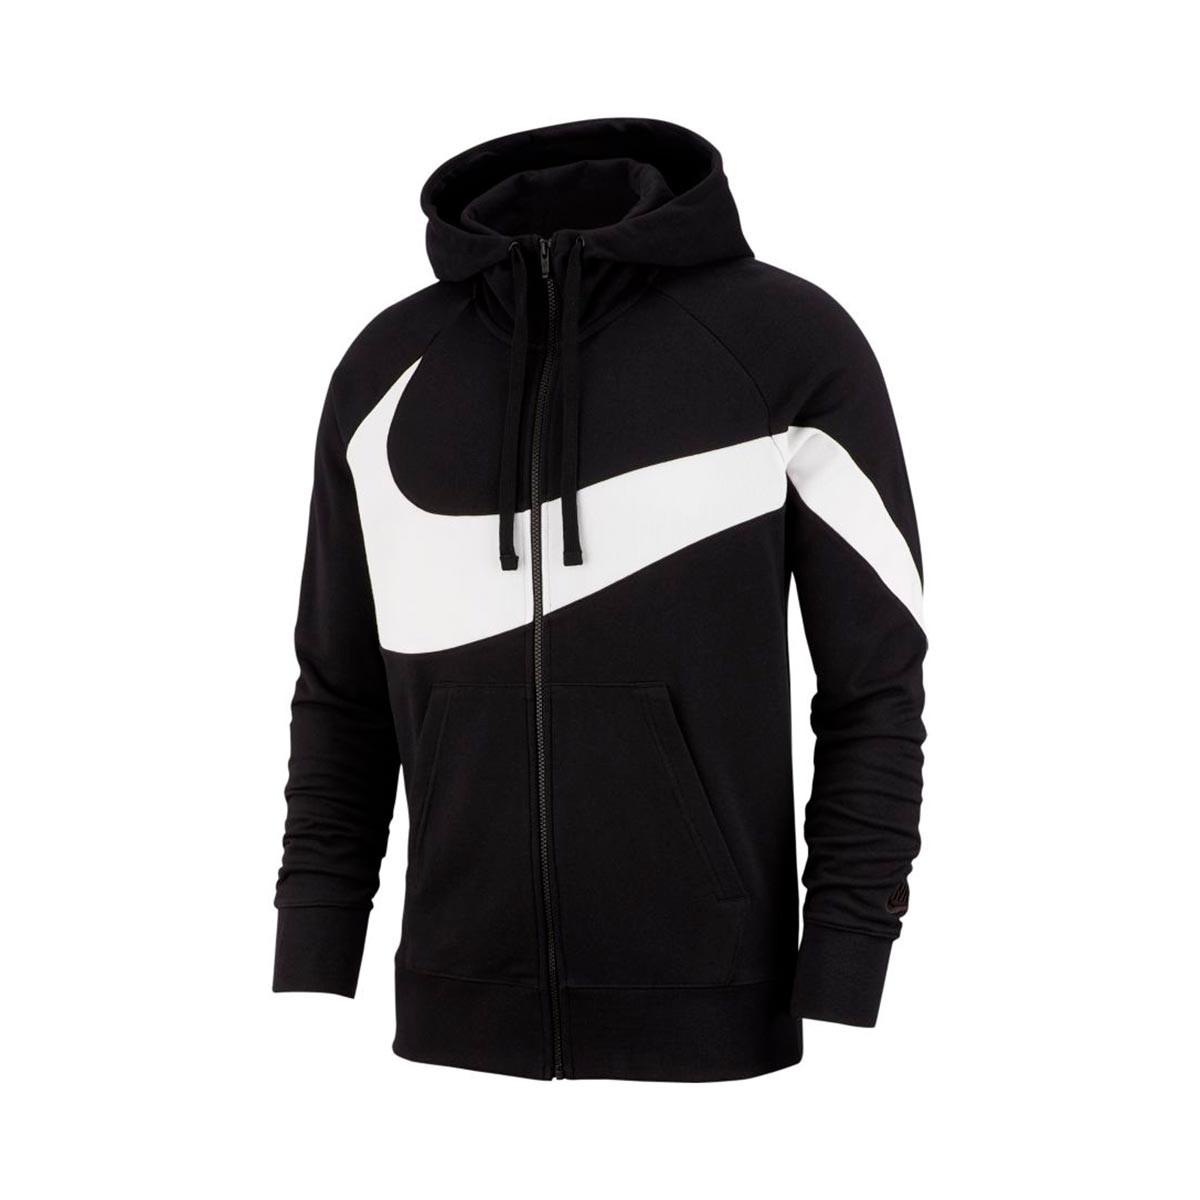 Chaqueta Nike Sportswear 2019